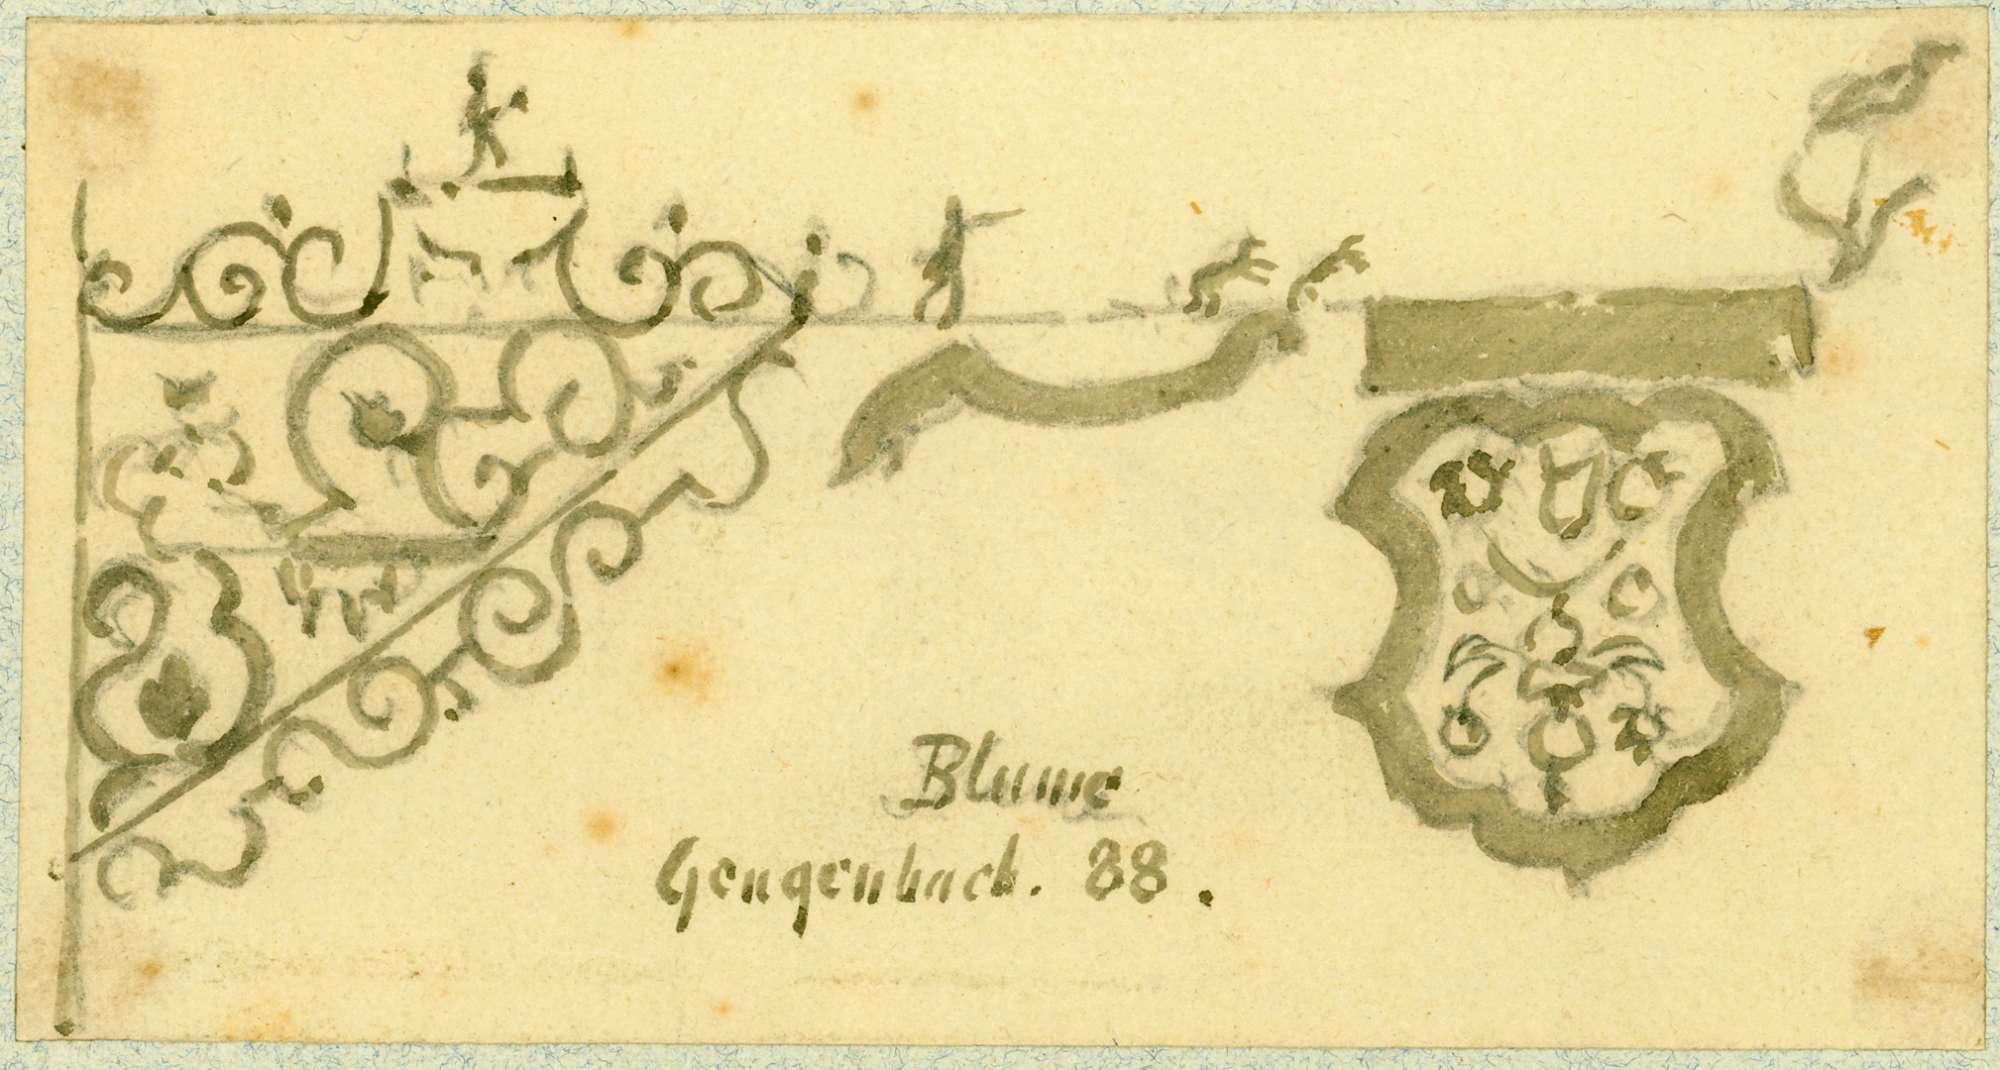 Gengenbach Wirtshausschild Blume, Bild 1